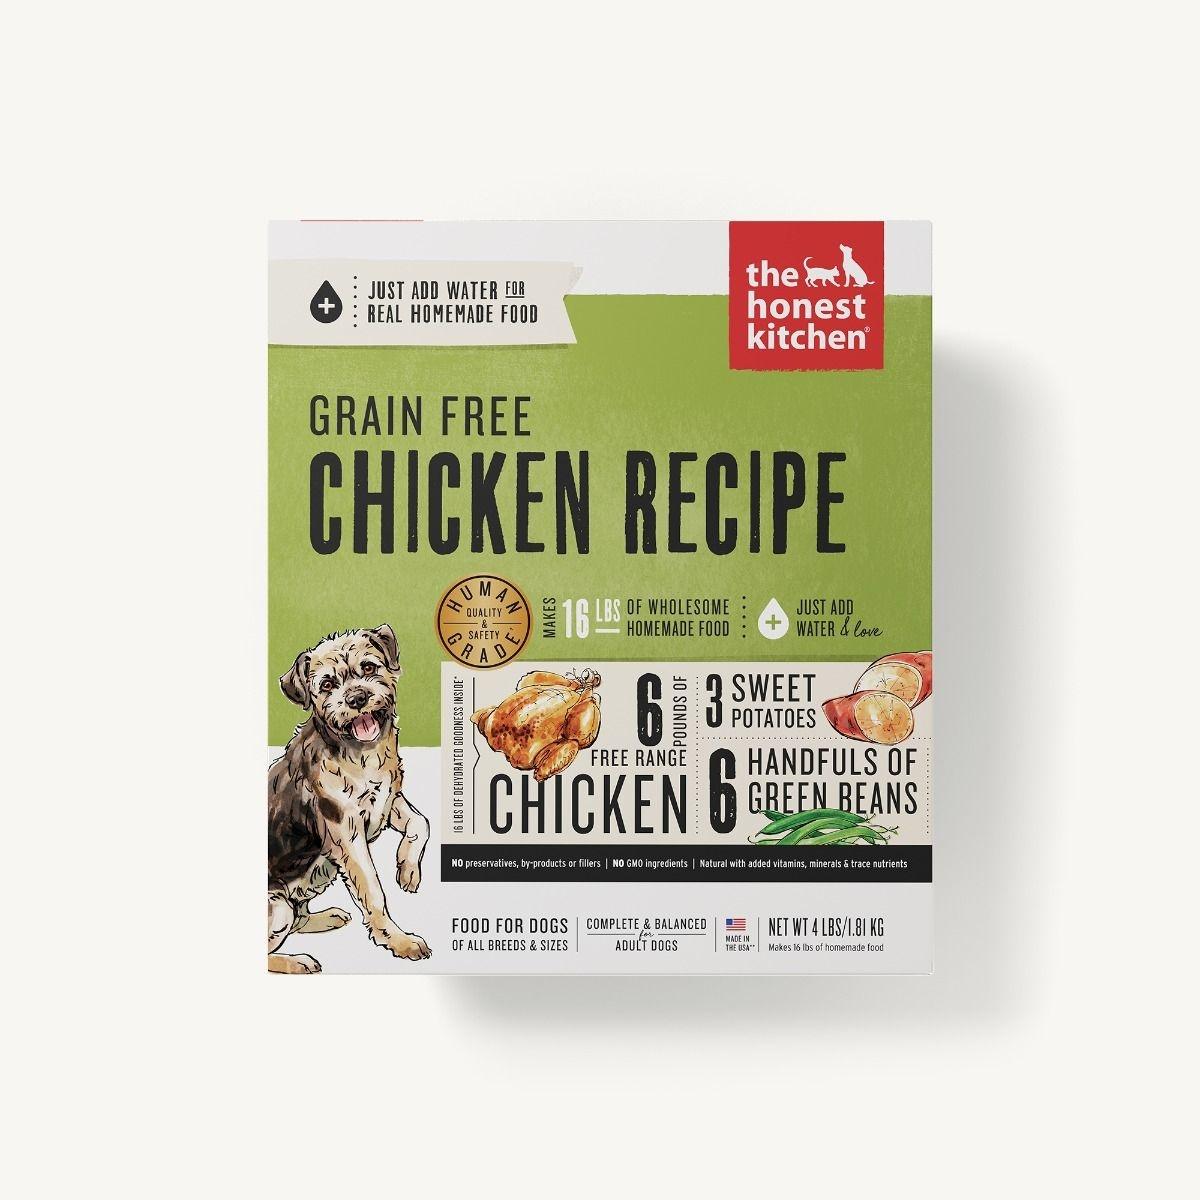 The Honest Kitchen Honest Kitchen Dehydrated Grain Free Chicken Recipe